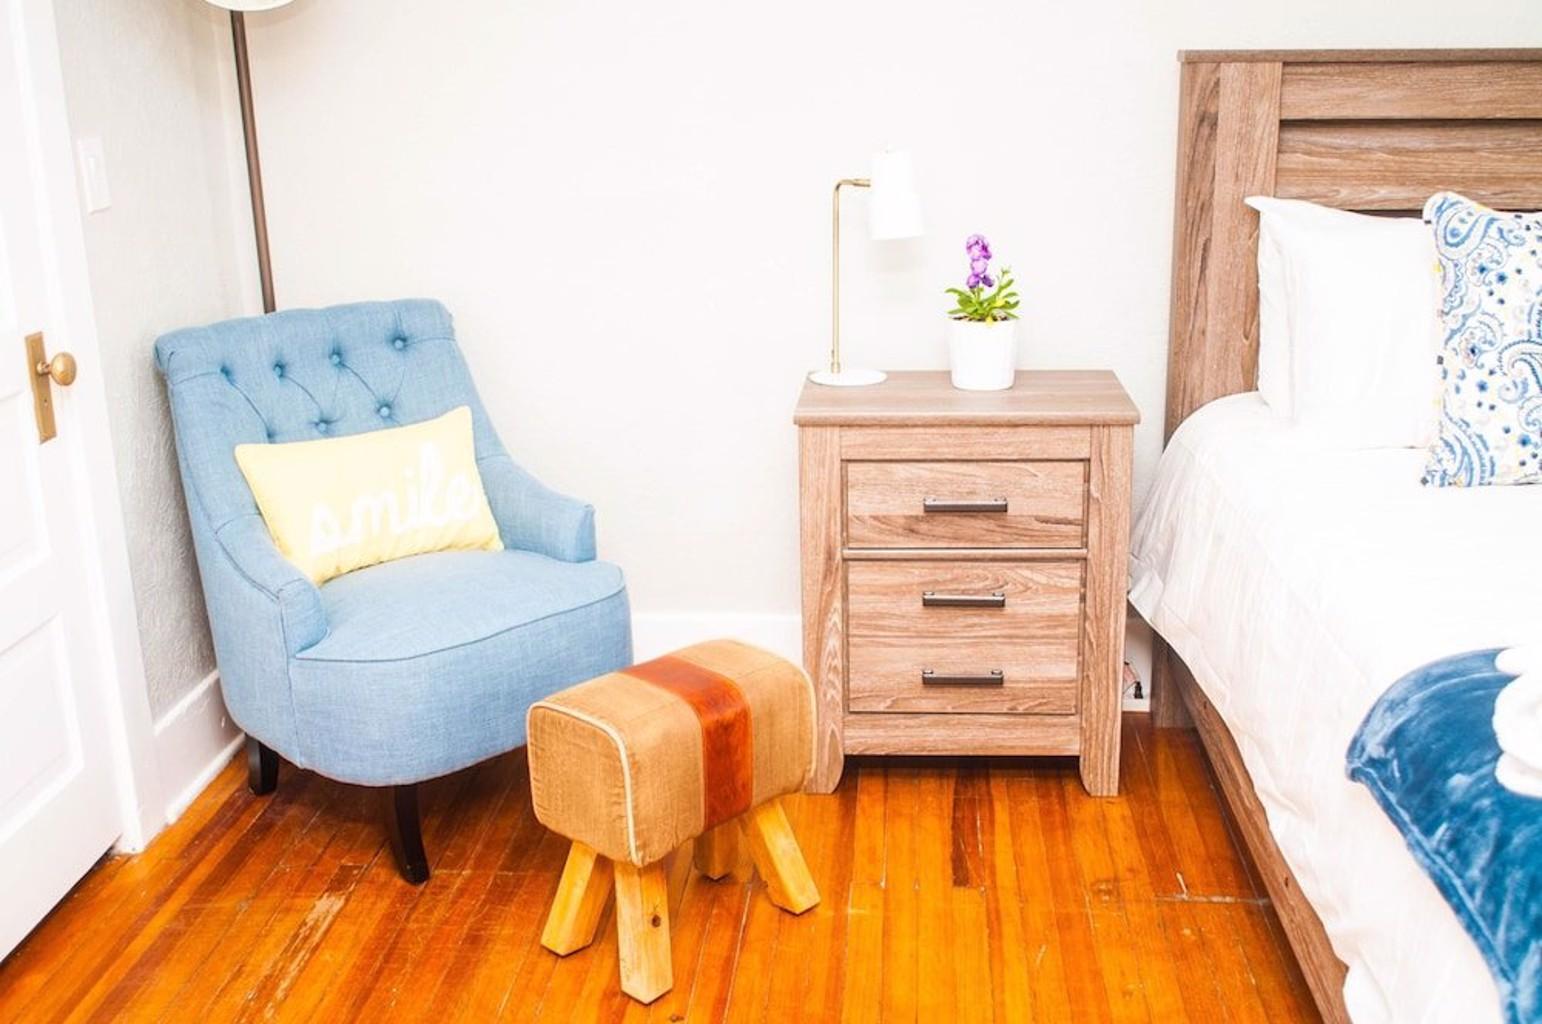 D019 0 Bedroom Studio By Senstay